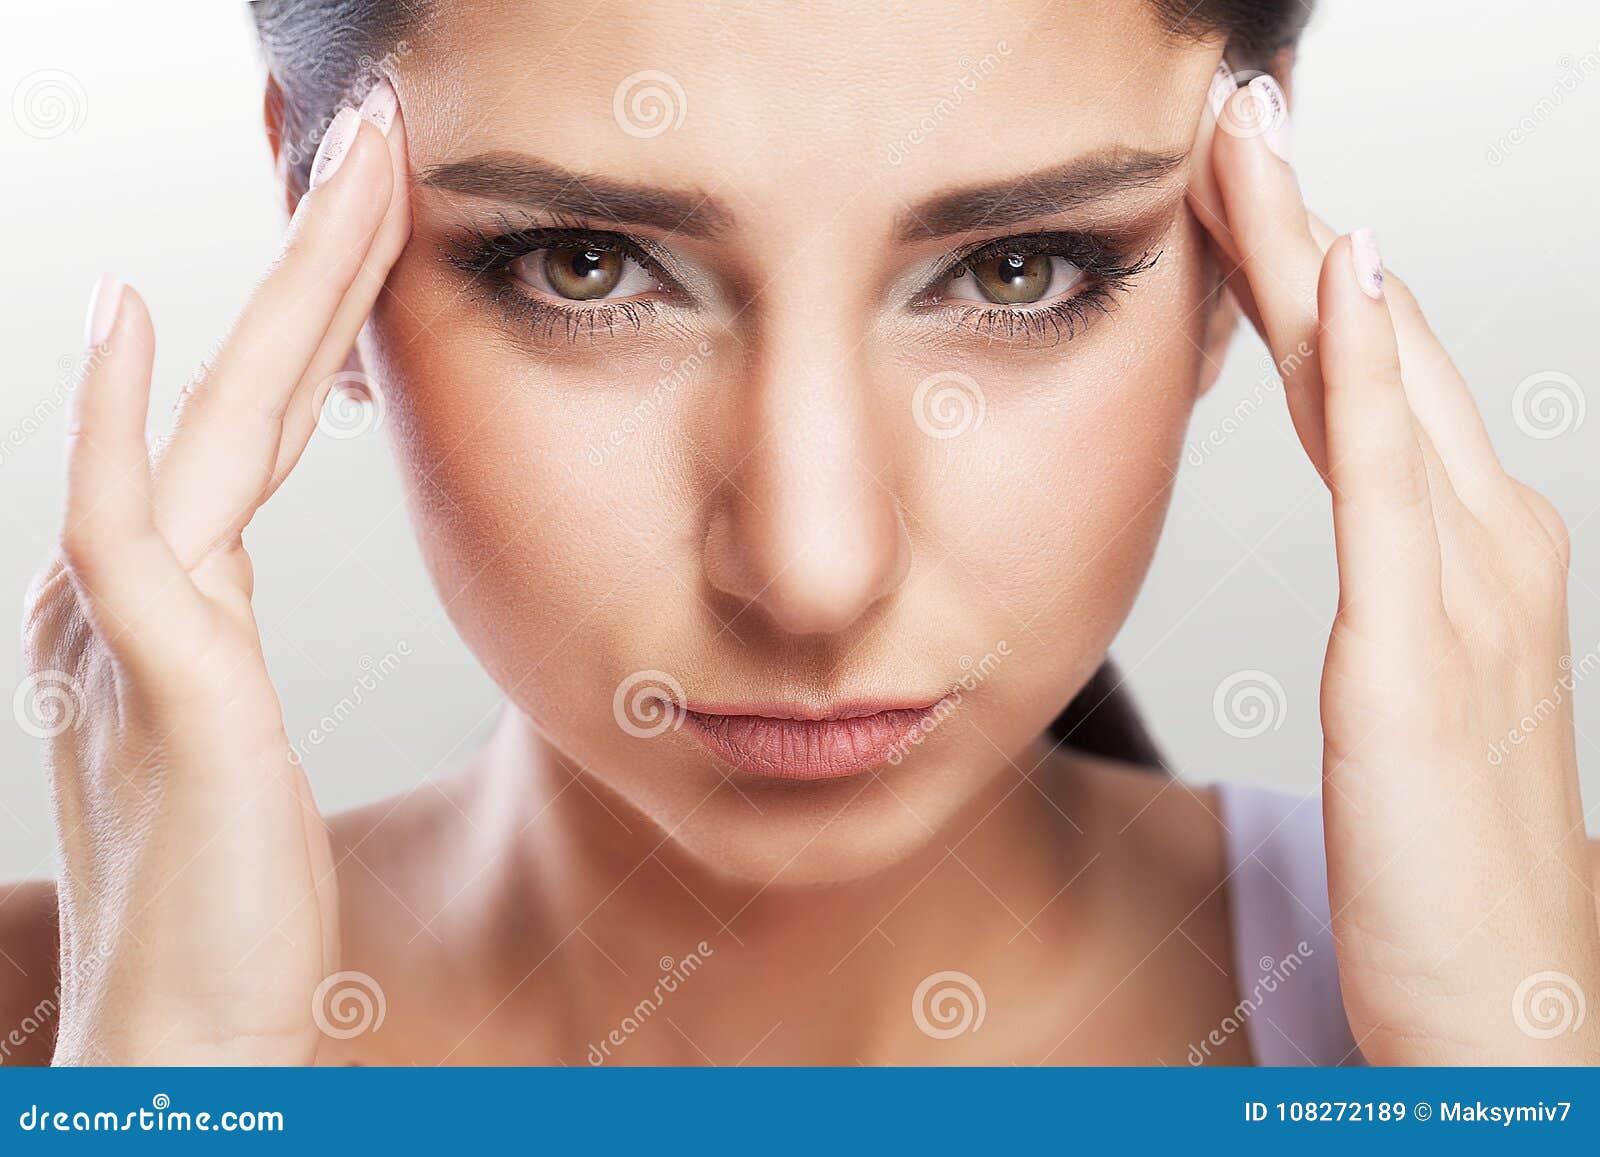 Het portret van een mooi jong brunette met een naakte schouder, voelt grote hoofdpijn, gezondheidsproblemen, migraine, profession